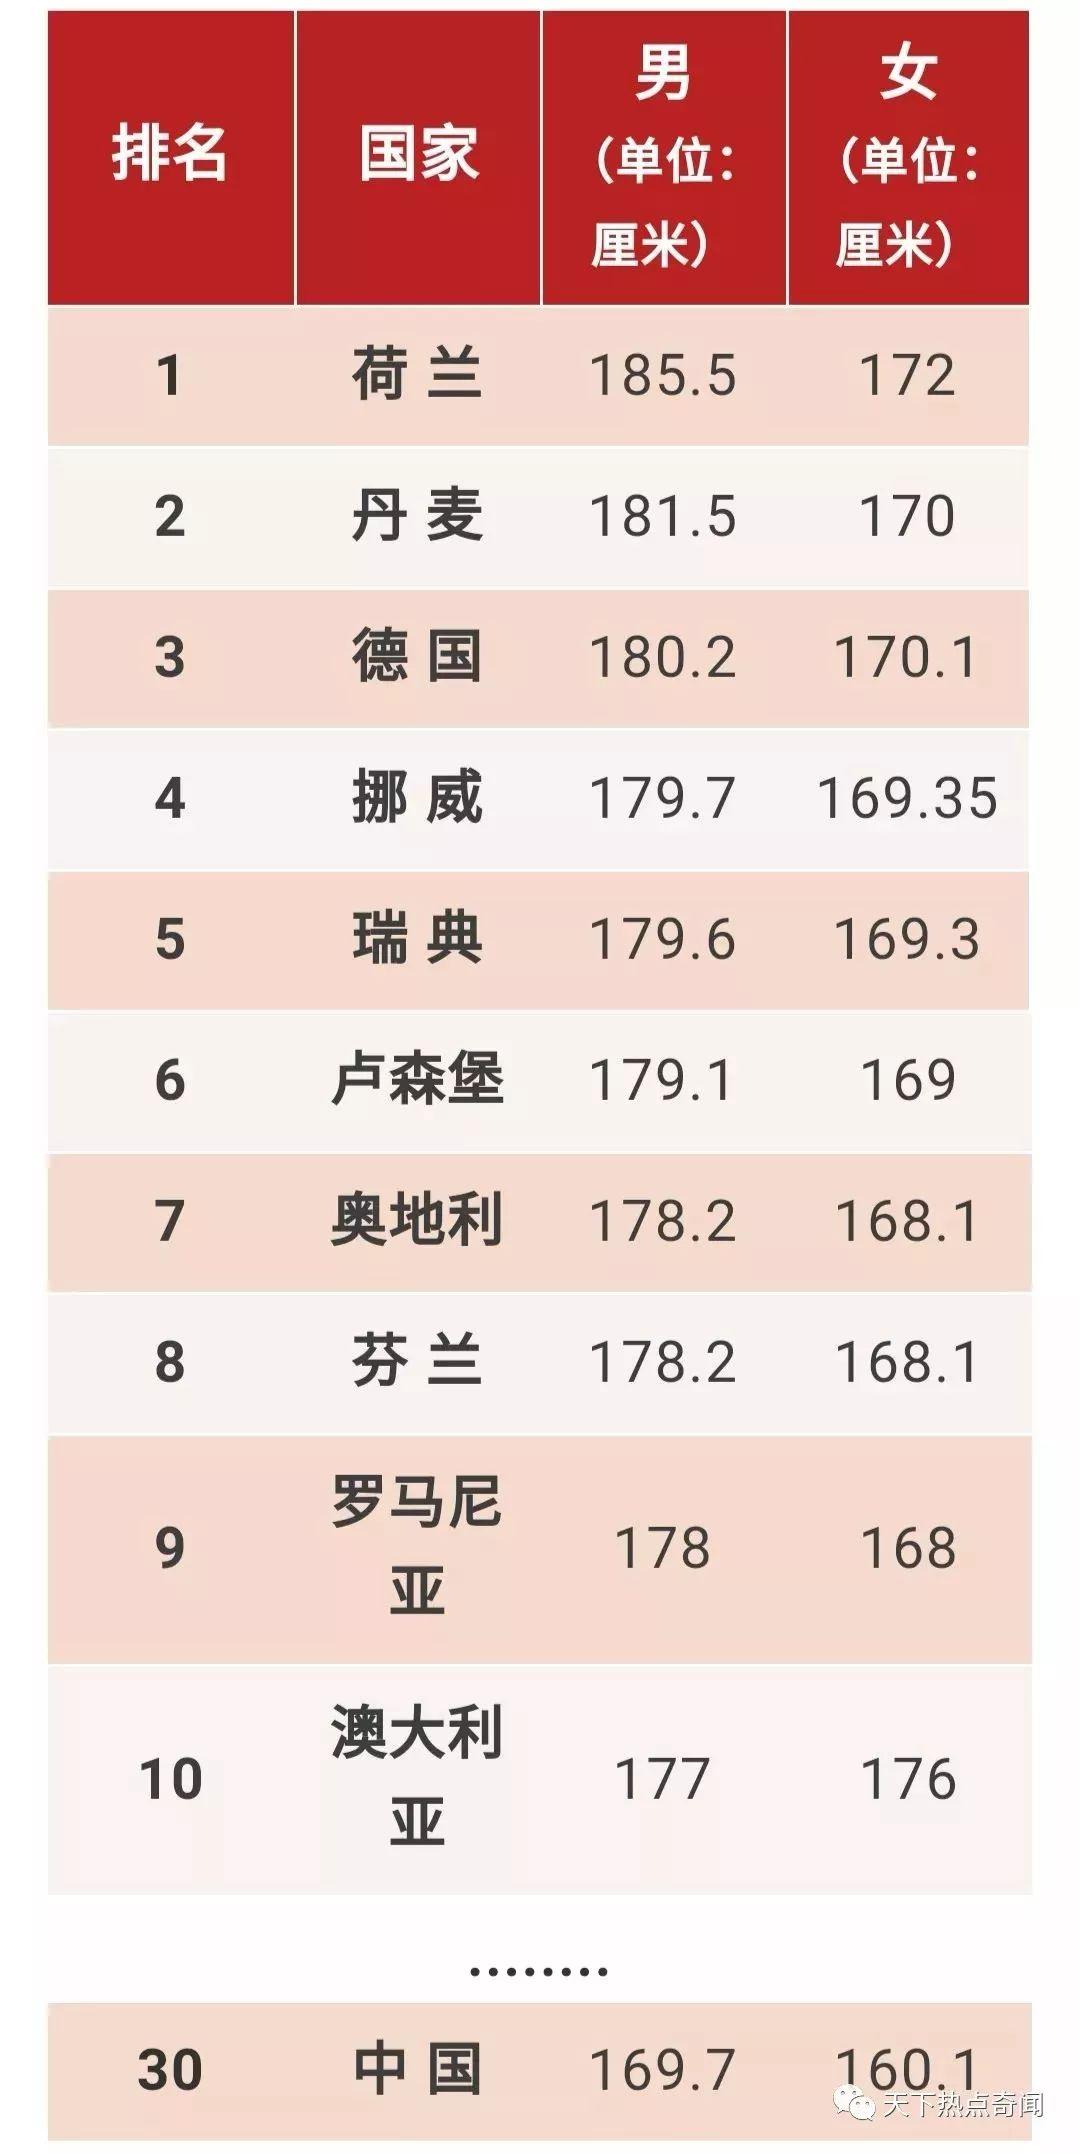 世界人均排名_世界人均gdp排名